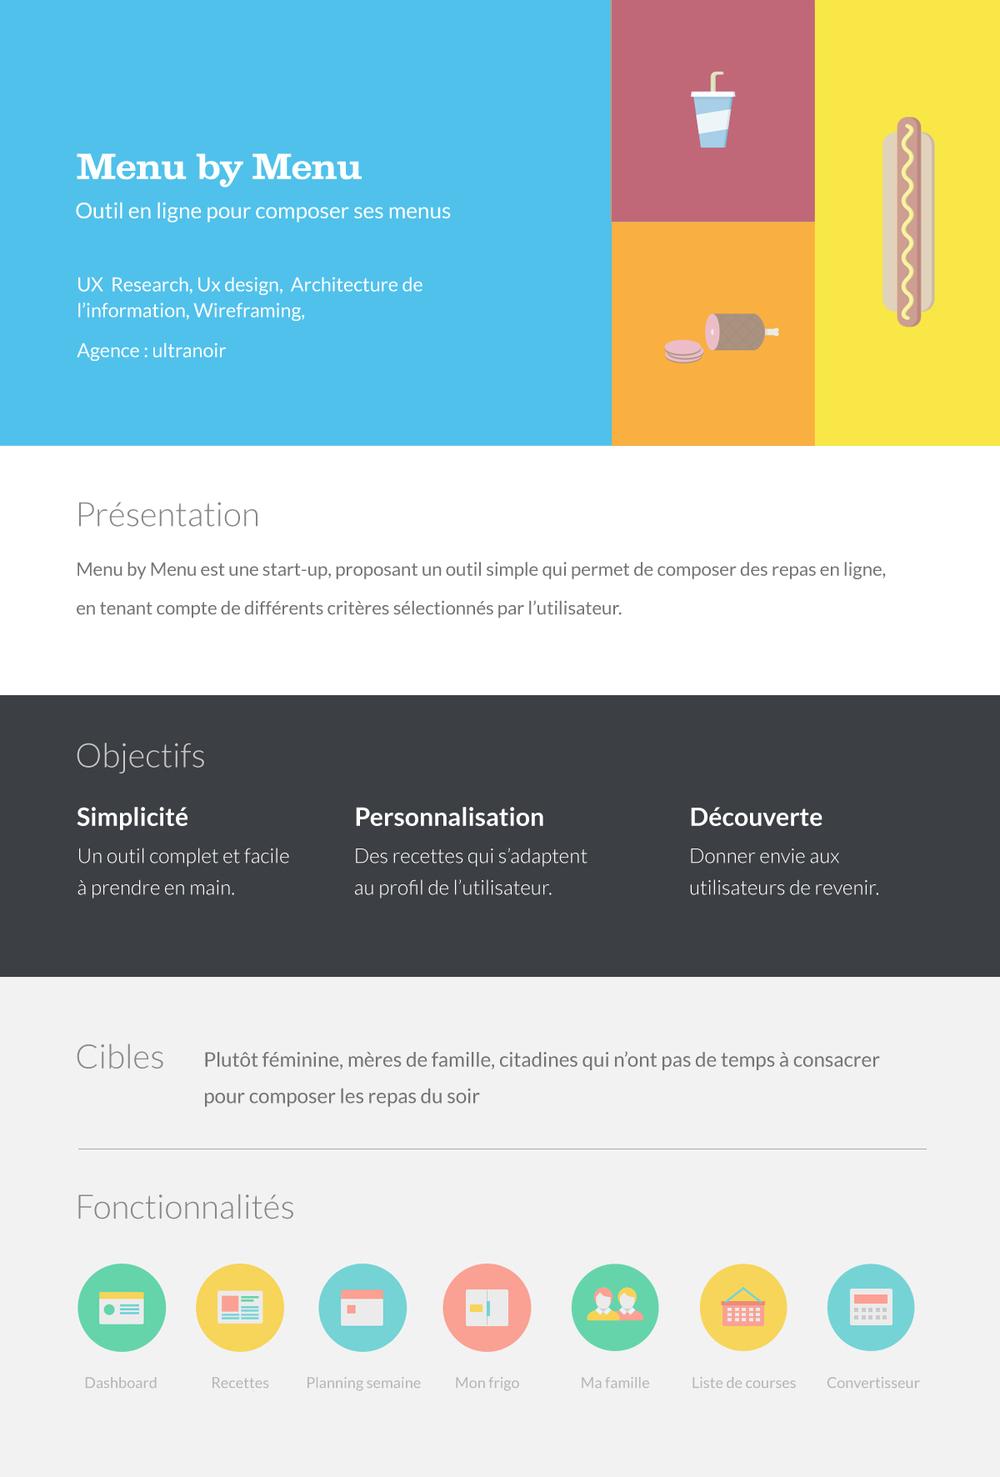 Présentation, Objectifs & Fonctionnalités